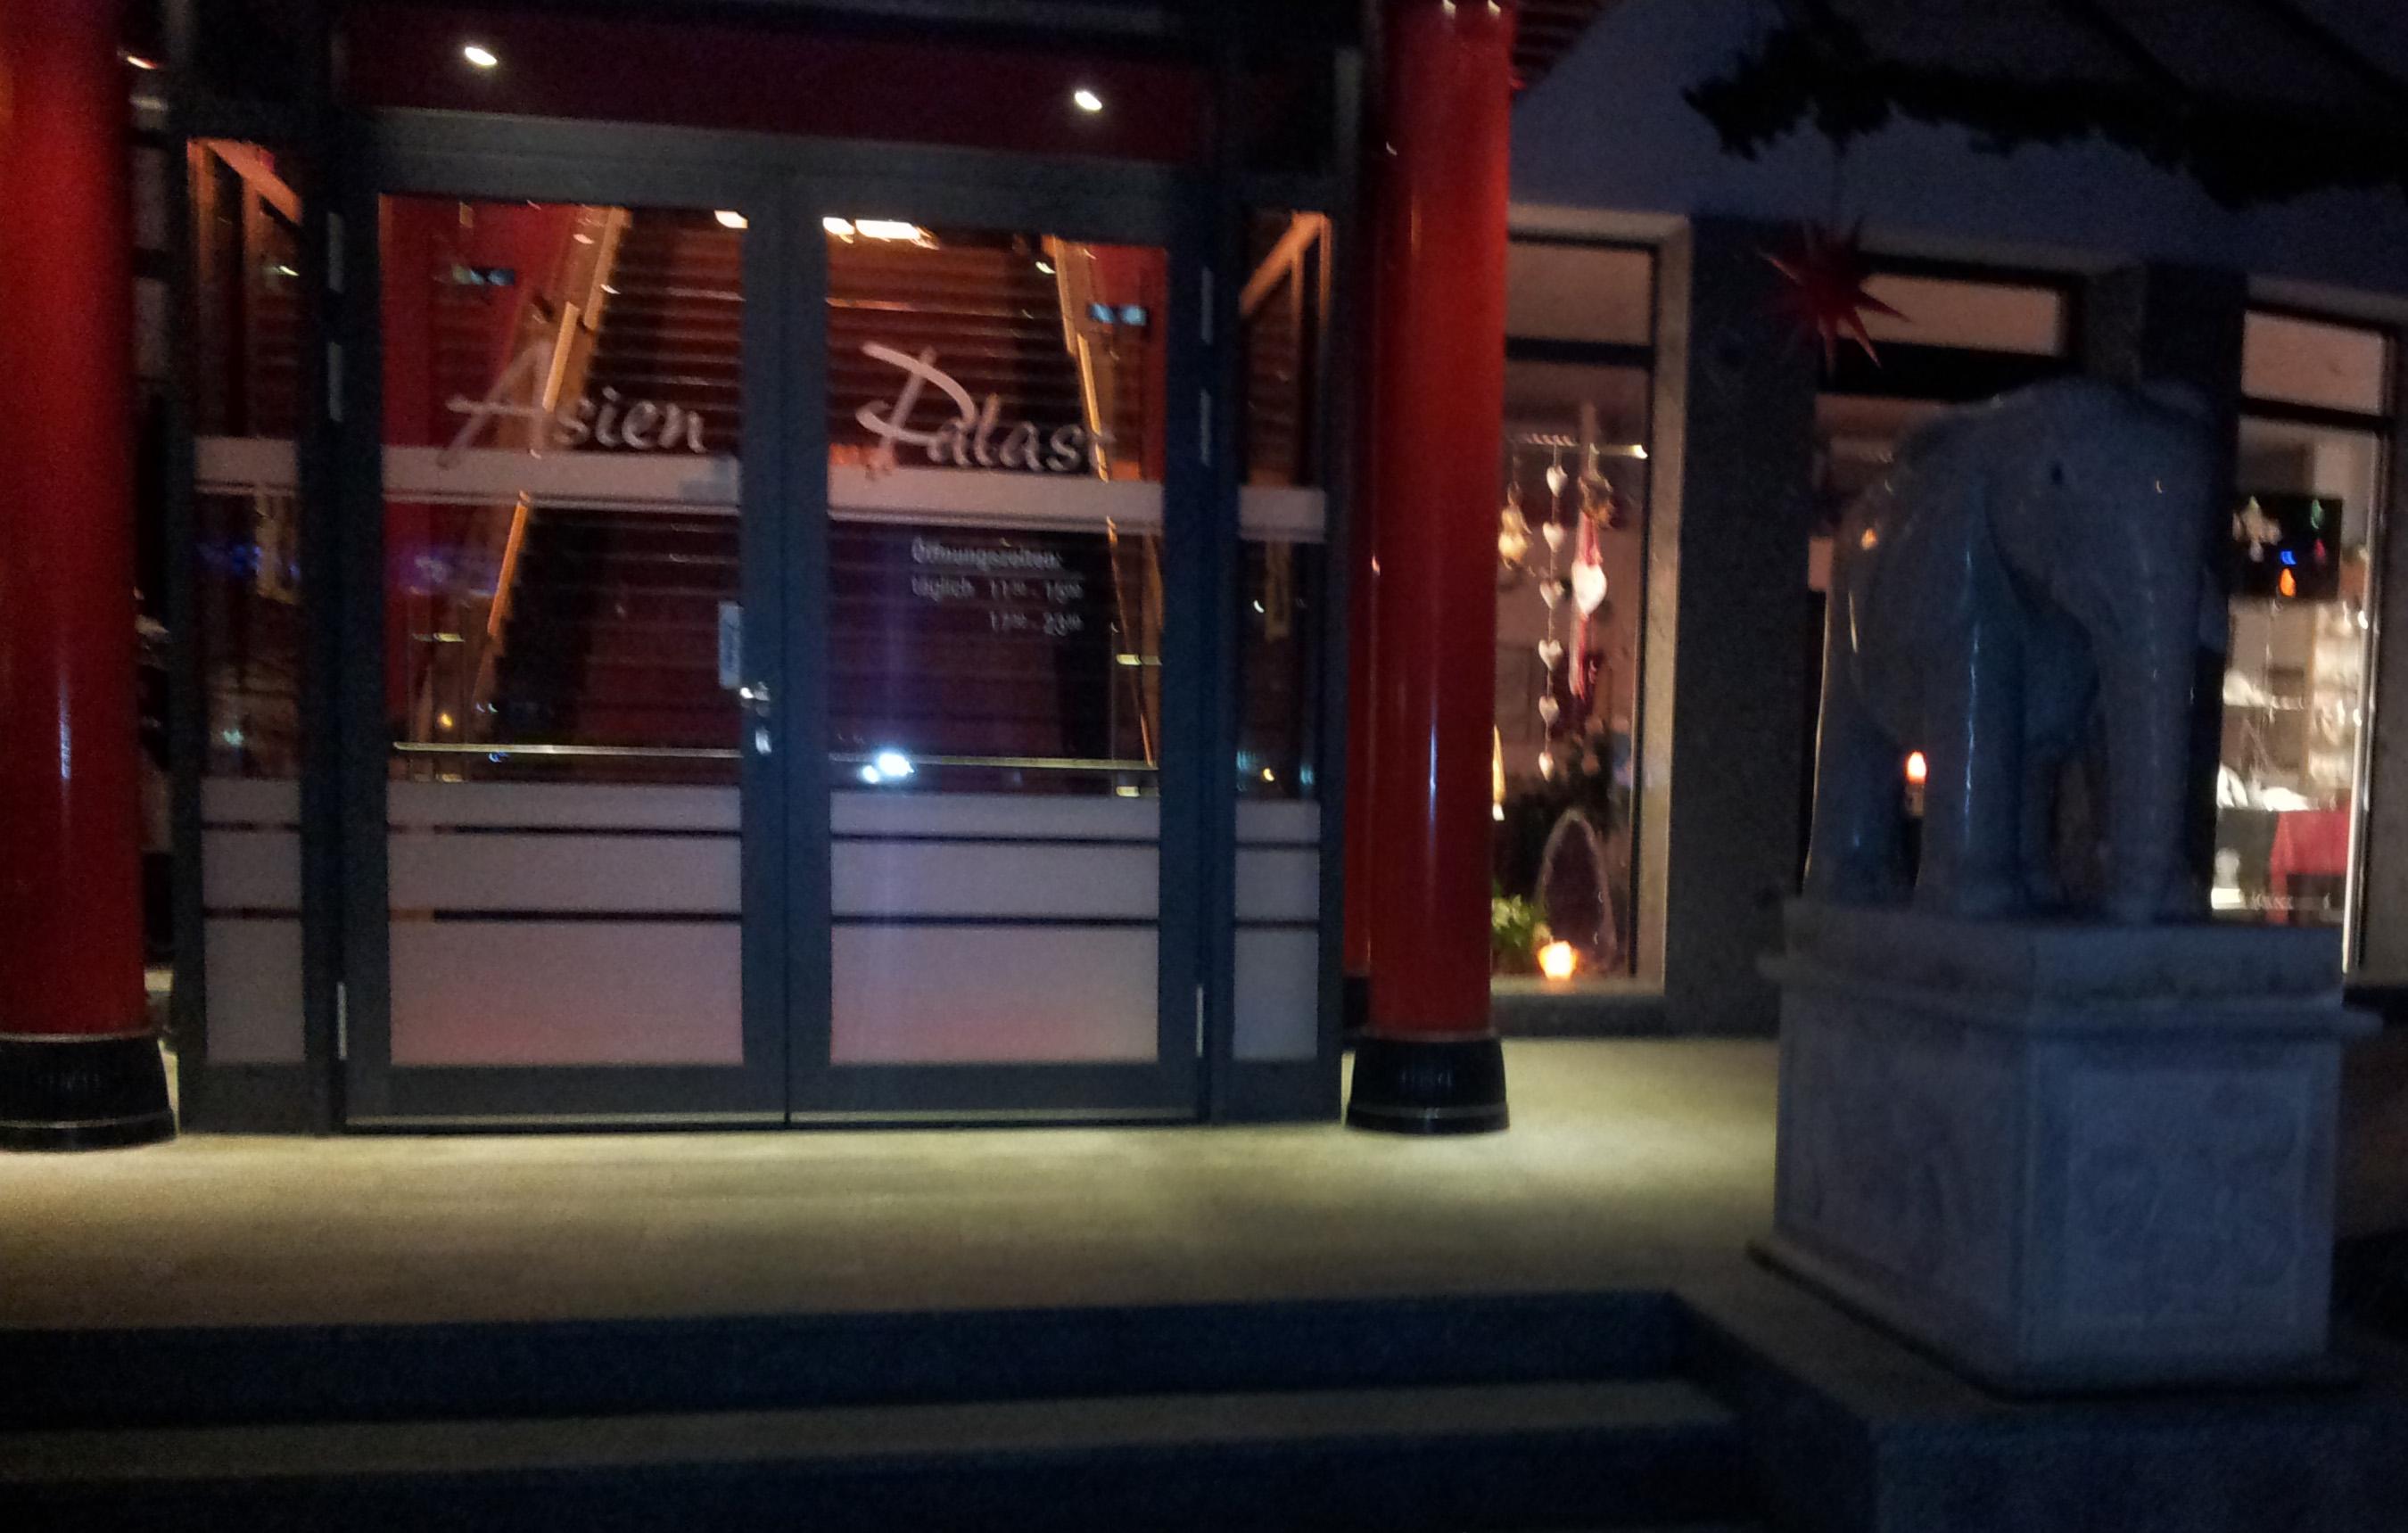 Eingangsbereich Asien Palast